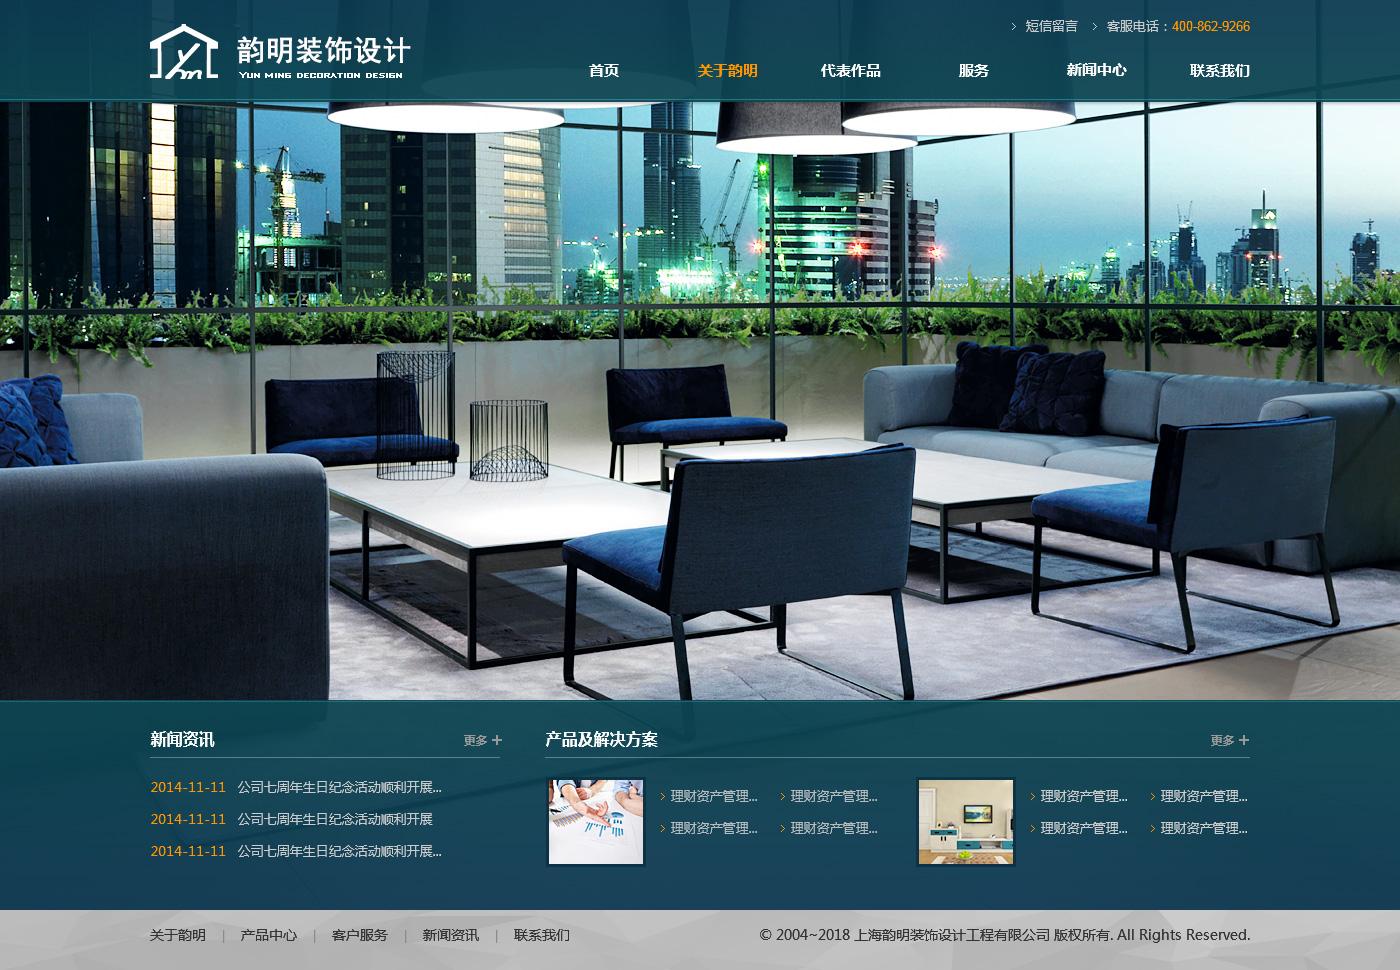 上海韵明装饰设计工程有限公司案例图片